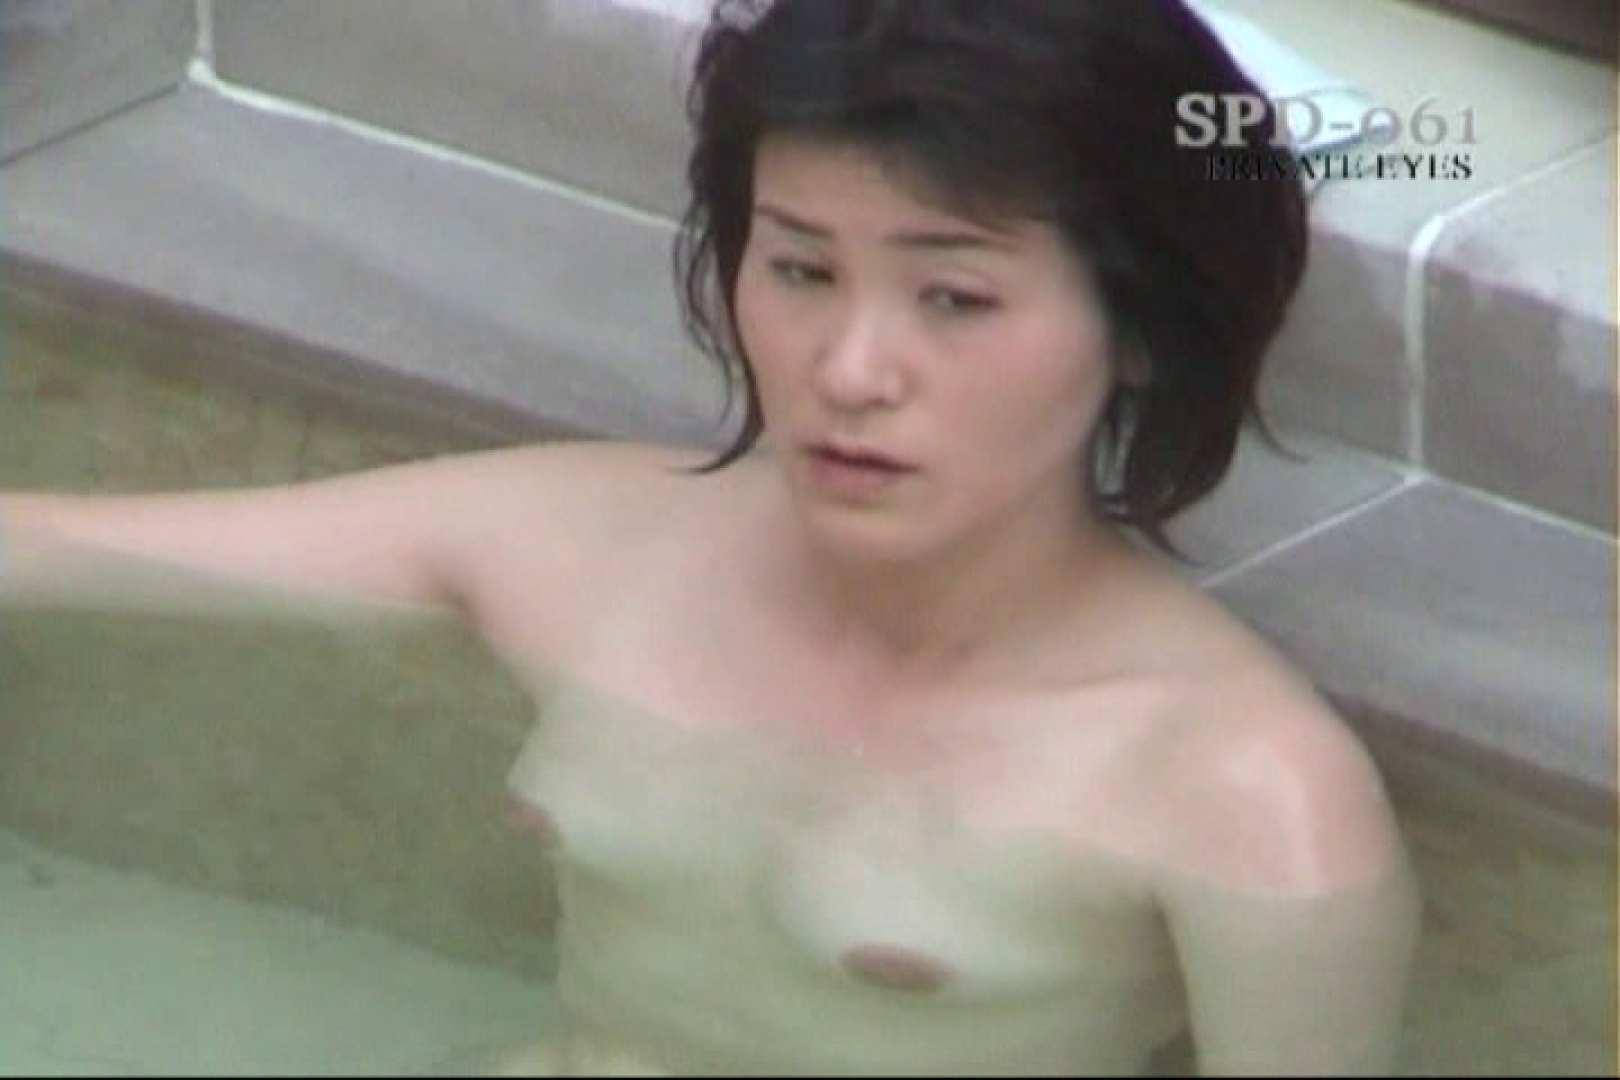 高画質版!SPD-061 新・露天浴場 8 人妻編 プライベート  87Pix 38